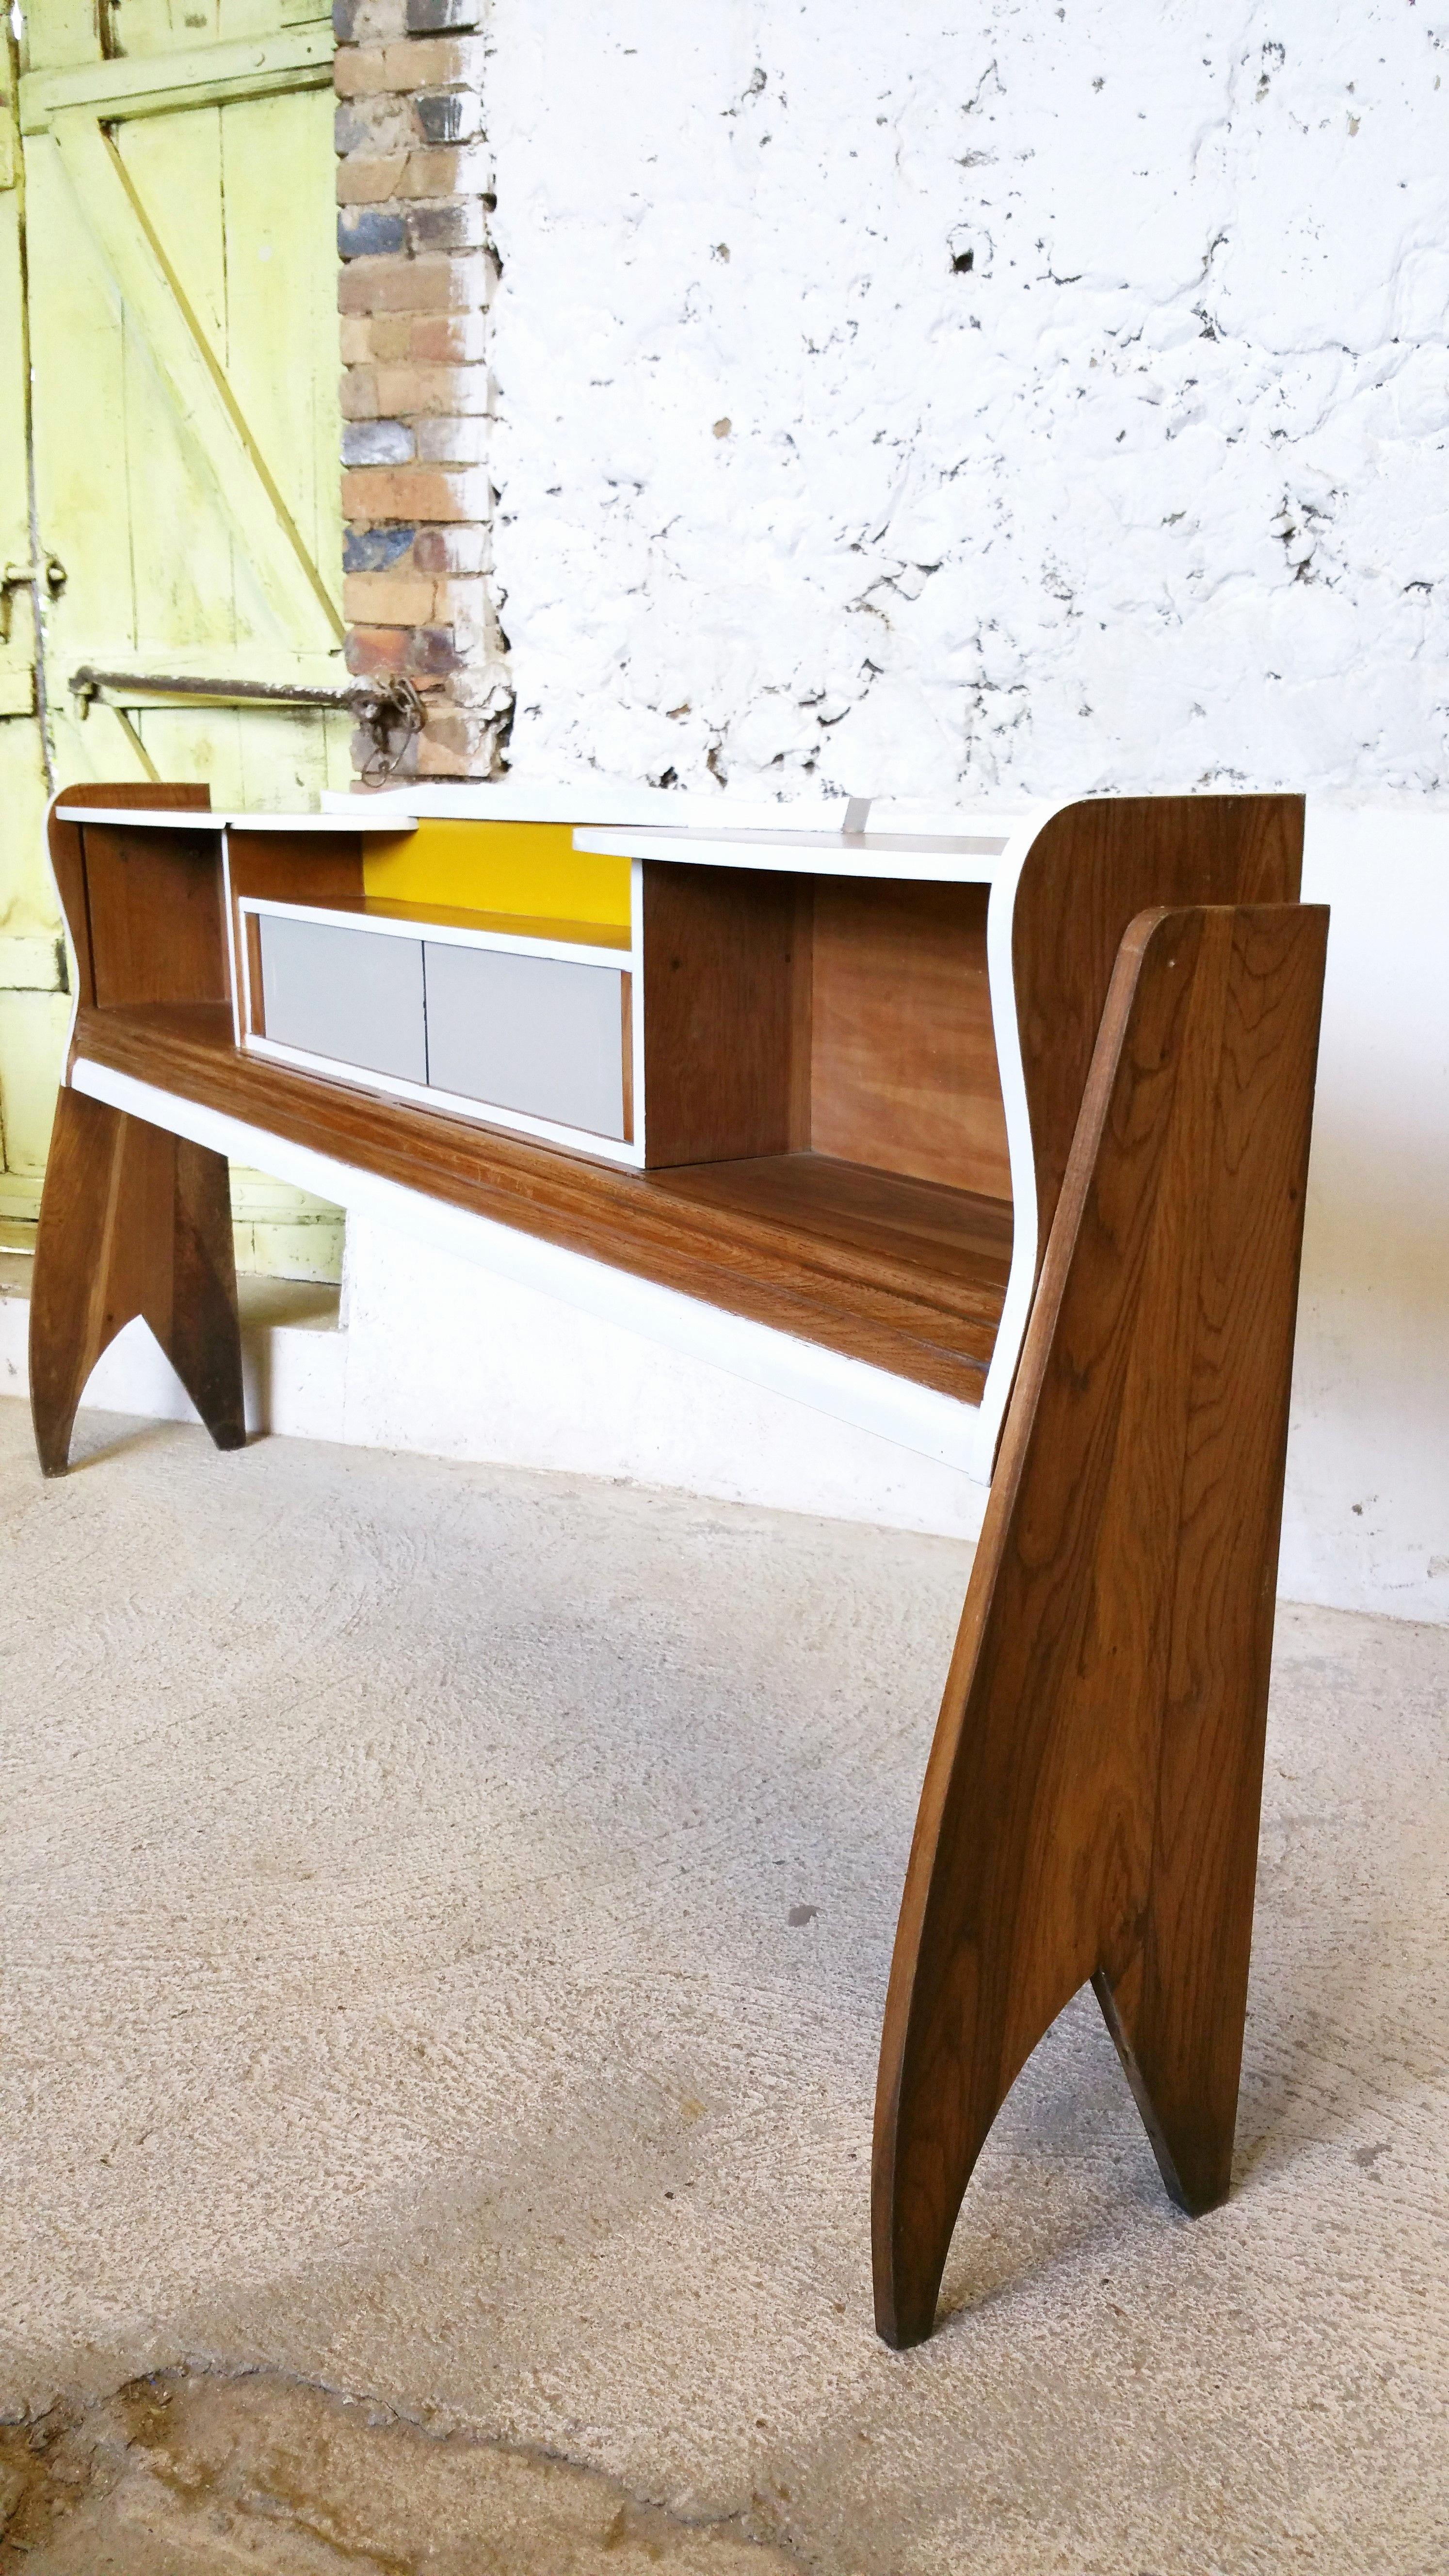 Table Salon Conforama Nouveau Photos Inspirer 40 De Table De Salon Concept